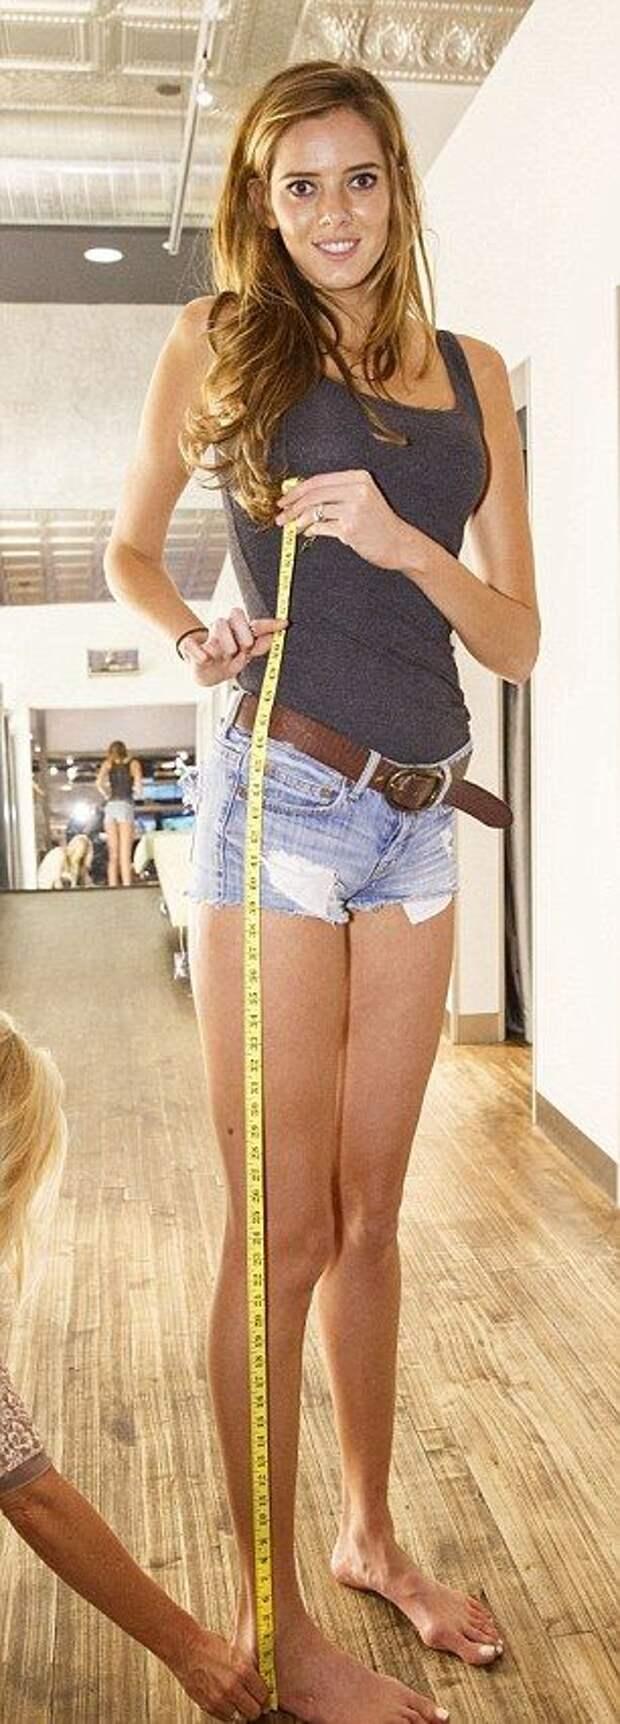 Самые длиные ноги Америки (США)!?